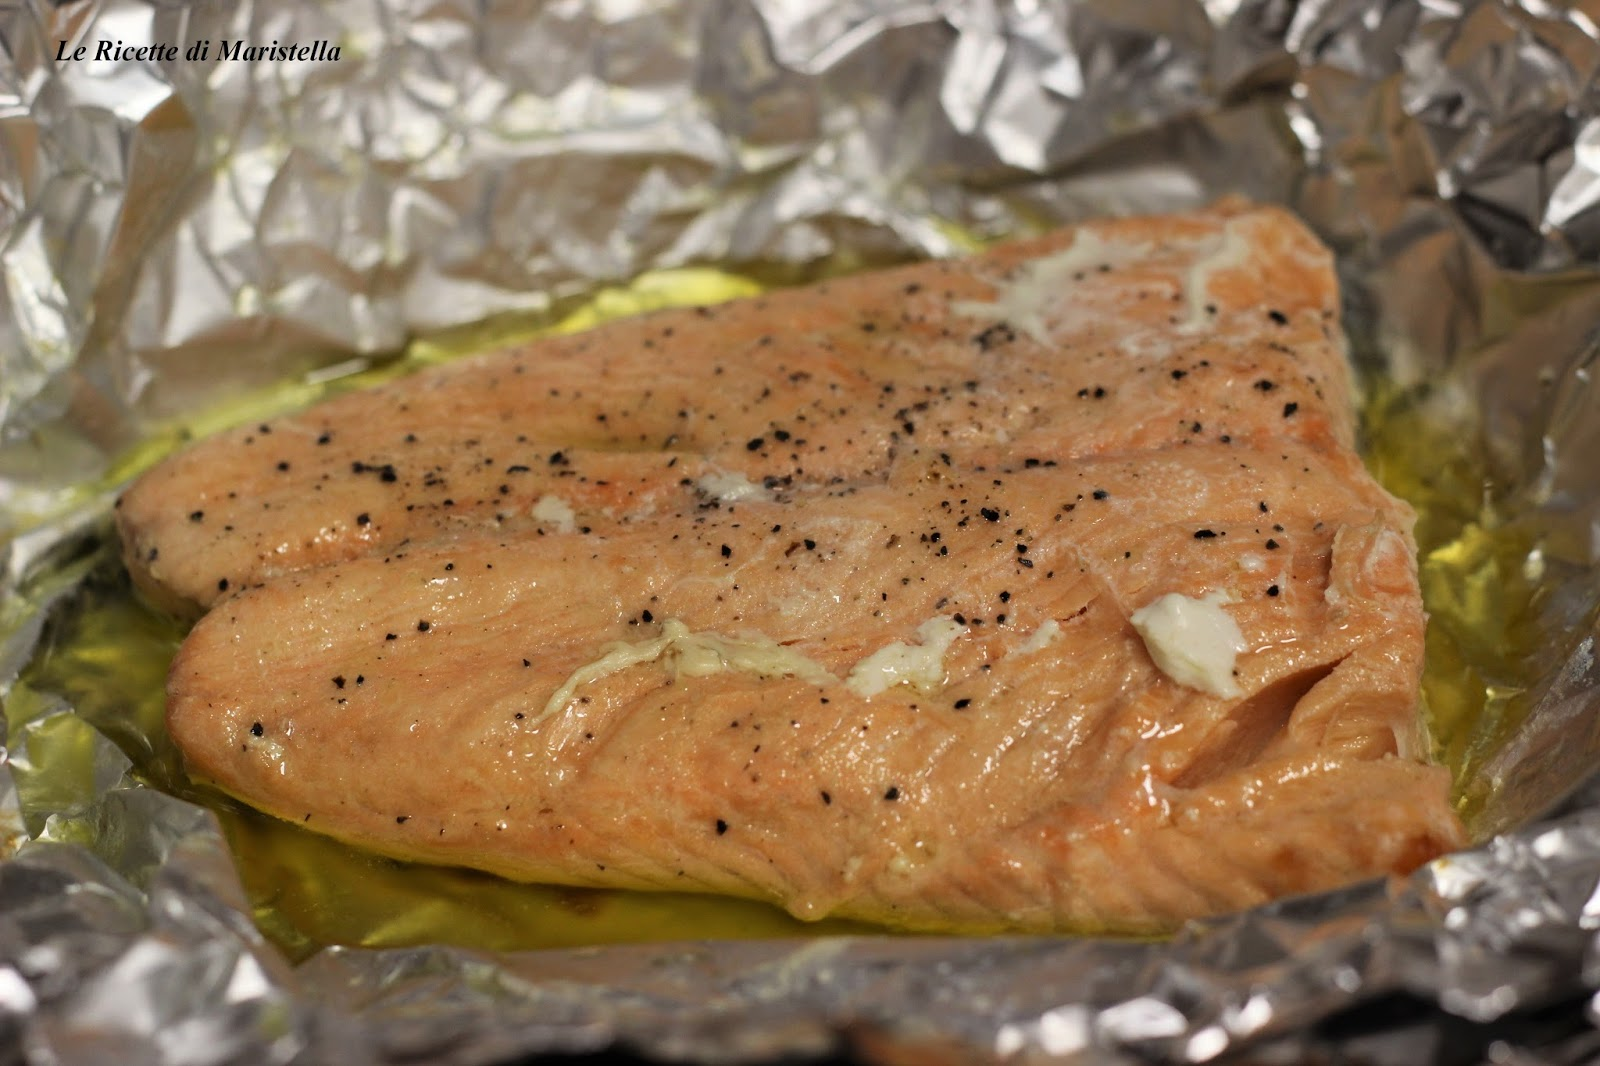 Le ricette di maristella secondi piatti di pesce for Secondi piatti di pesce